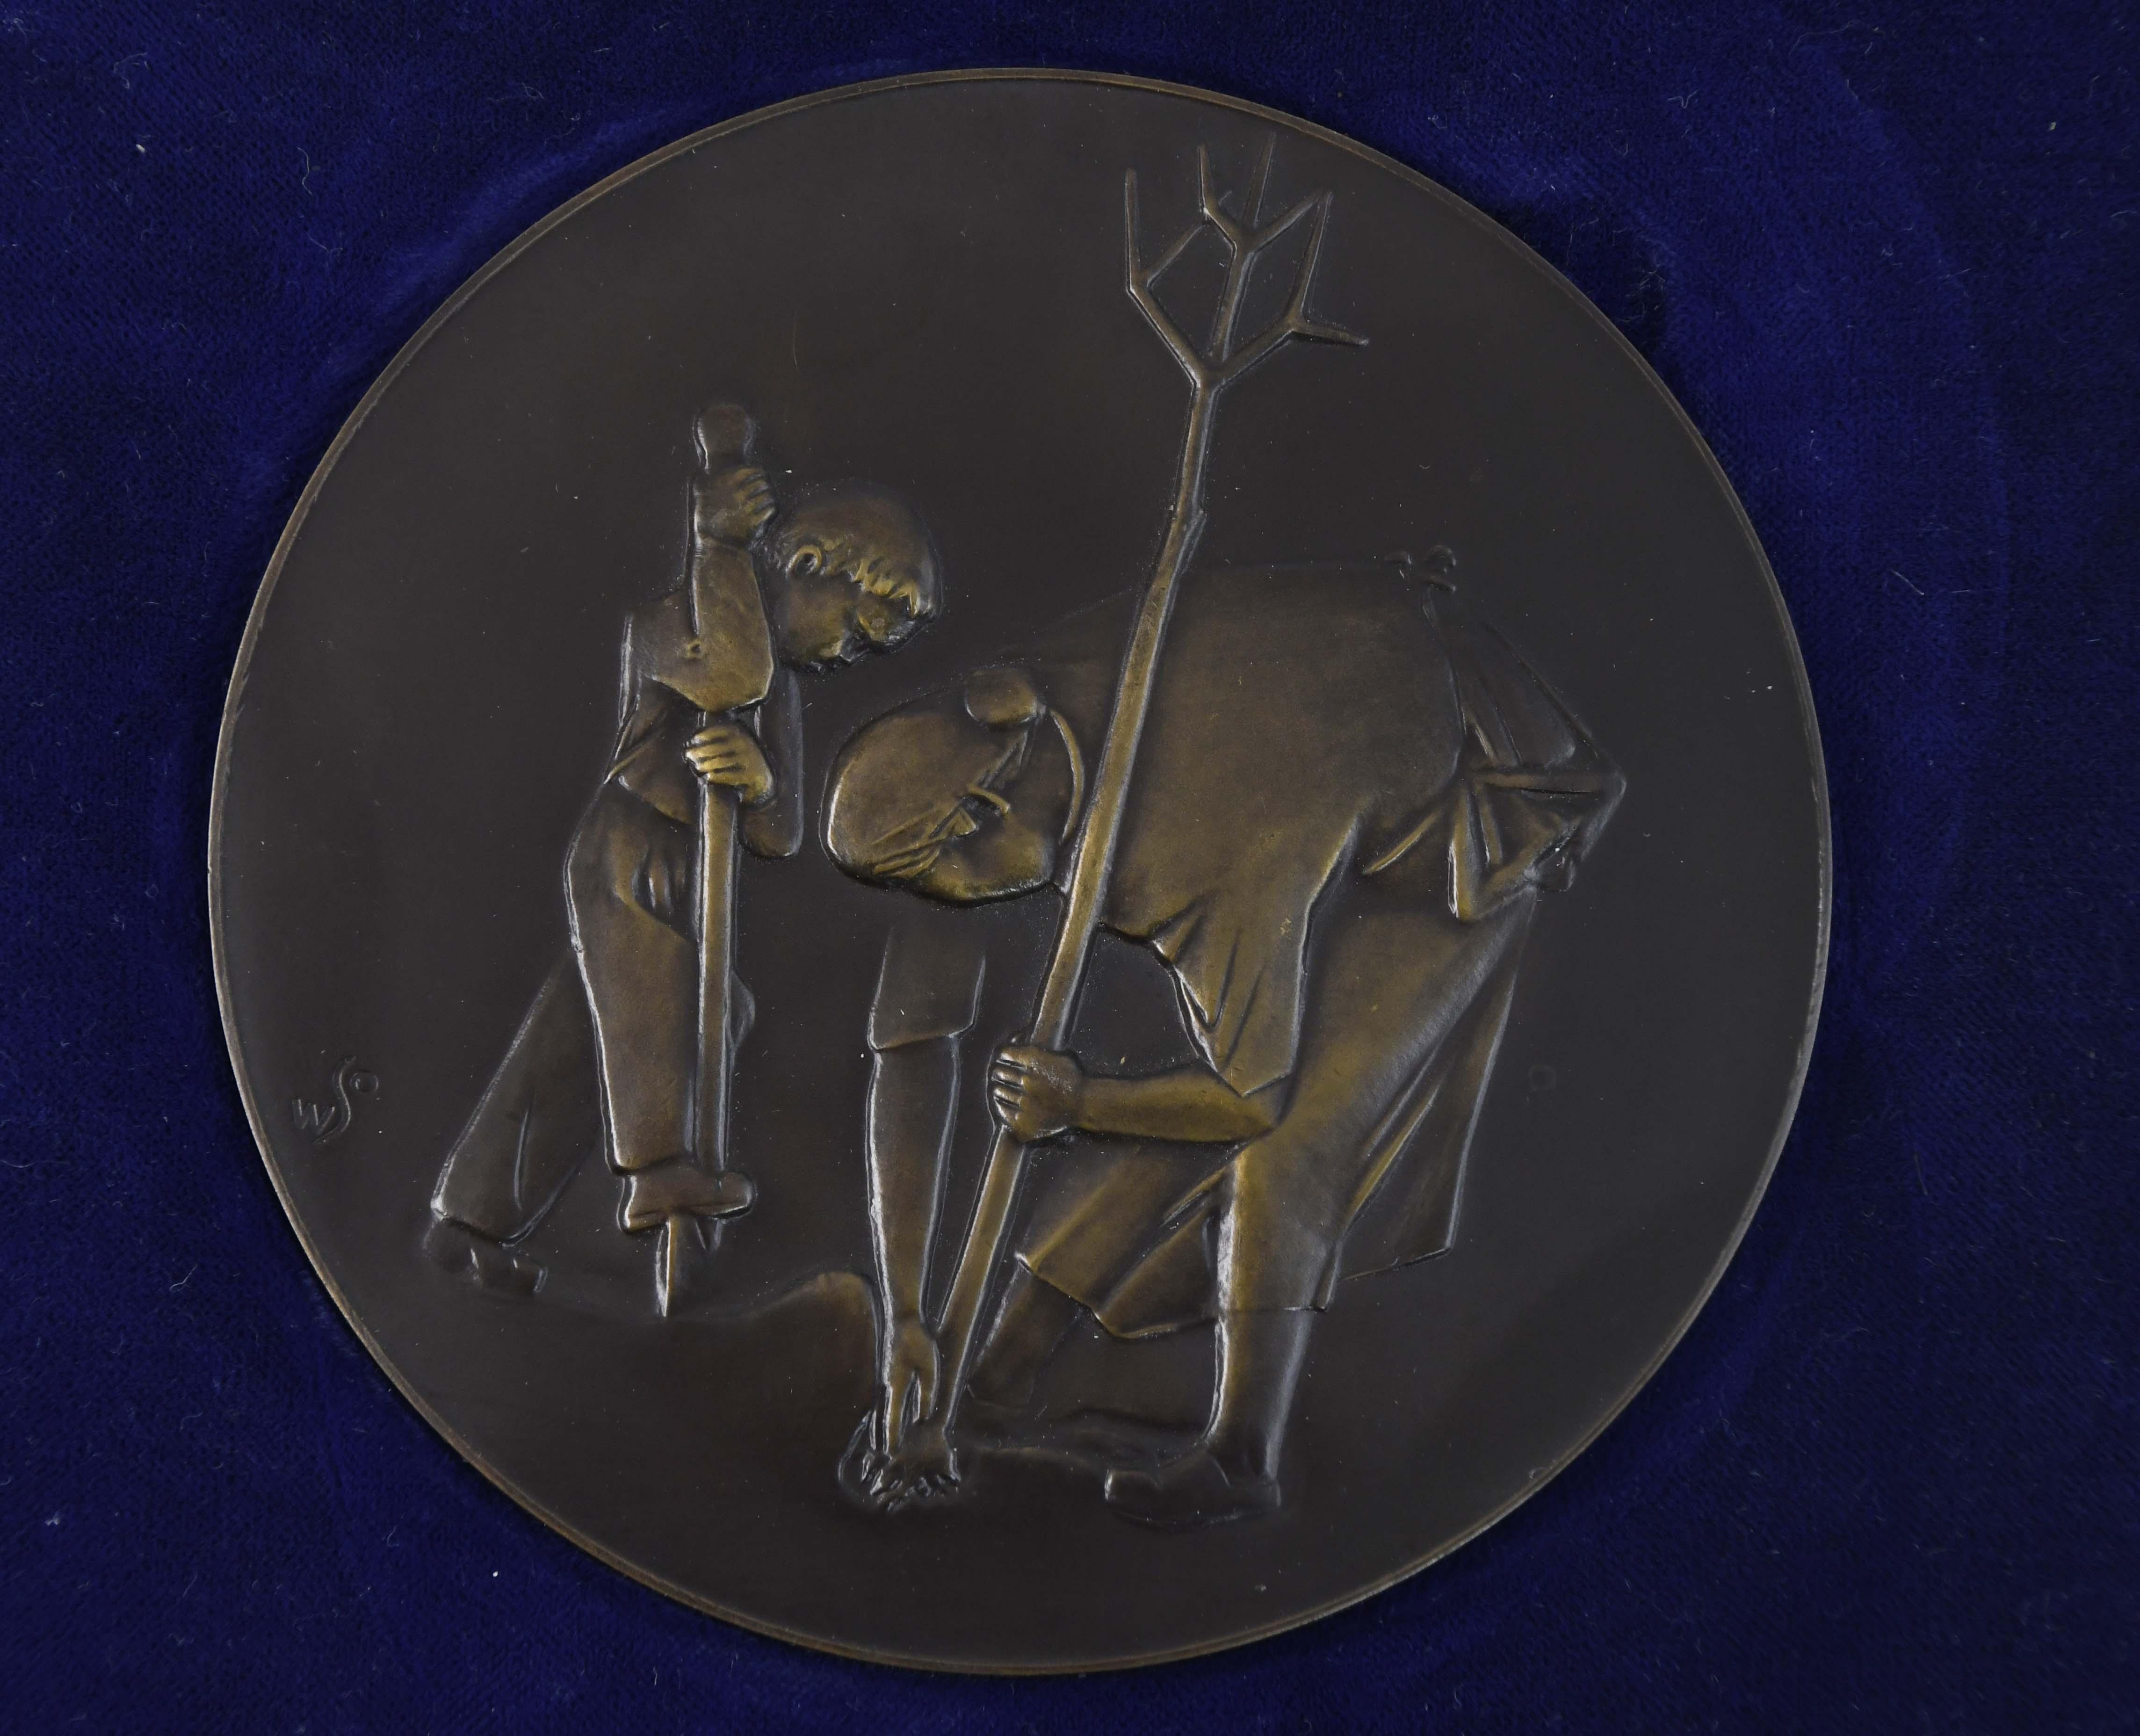 Lot 1803 - Medaillen_Sonstige Medaillen_Deutschland  -  Auktionshaus Ulrich Felzmann GmbH & Co. KG Auction 170 International Autumn Auction 2020 Day 2